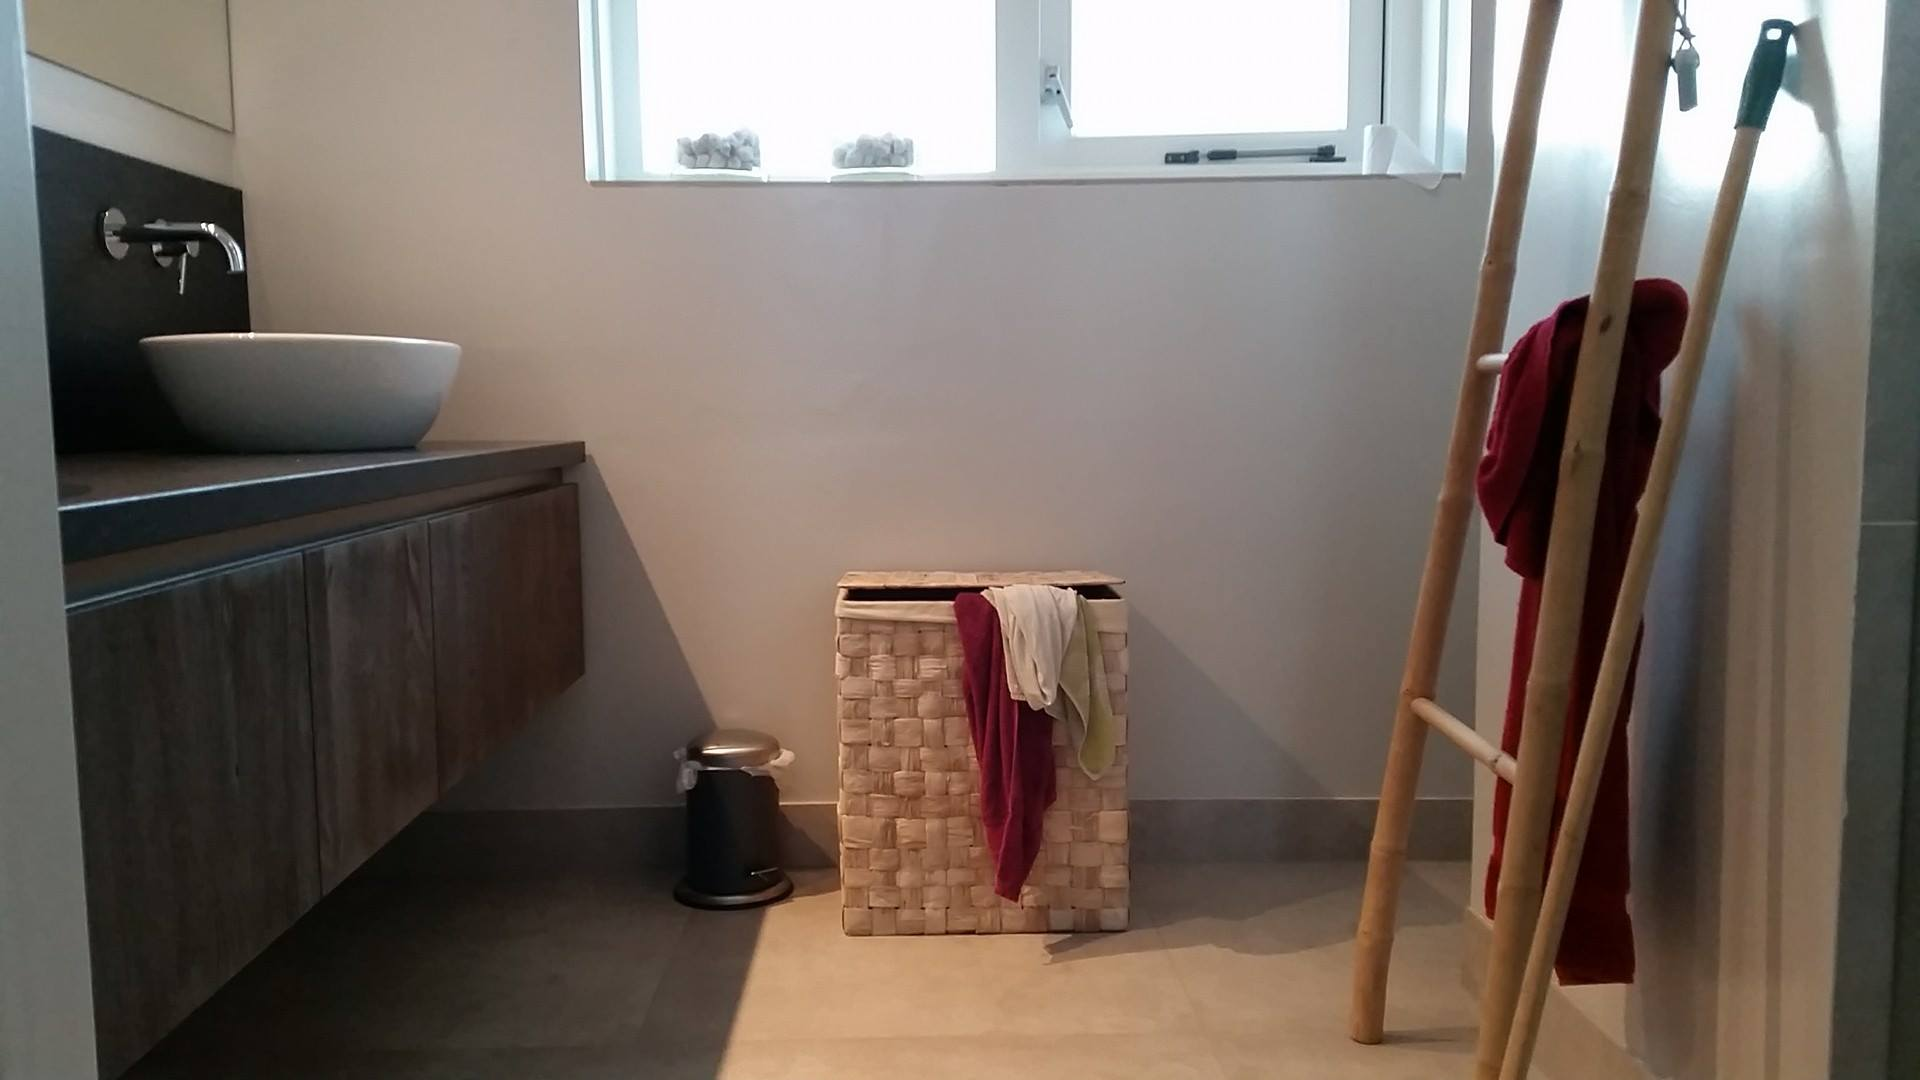 Badkamer Stuc Voorbeelden : Badkamer voorbeelden? van klassieke tot engelse stijl